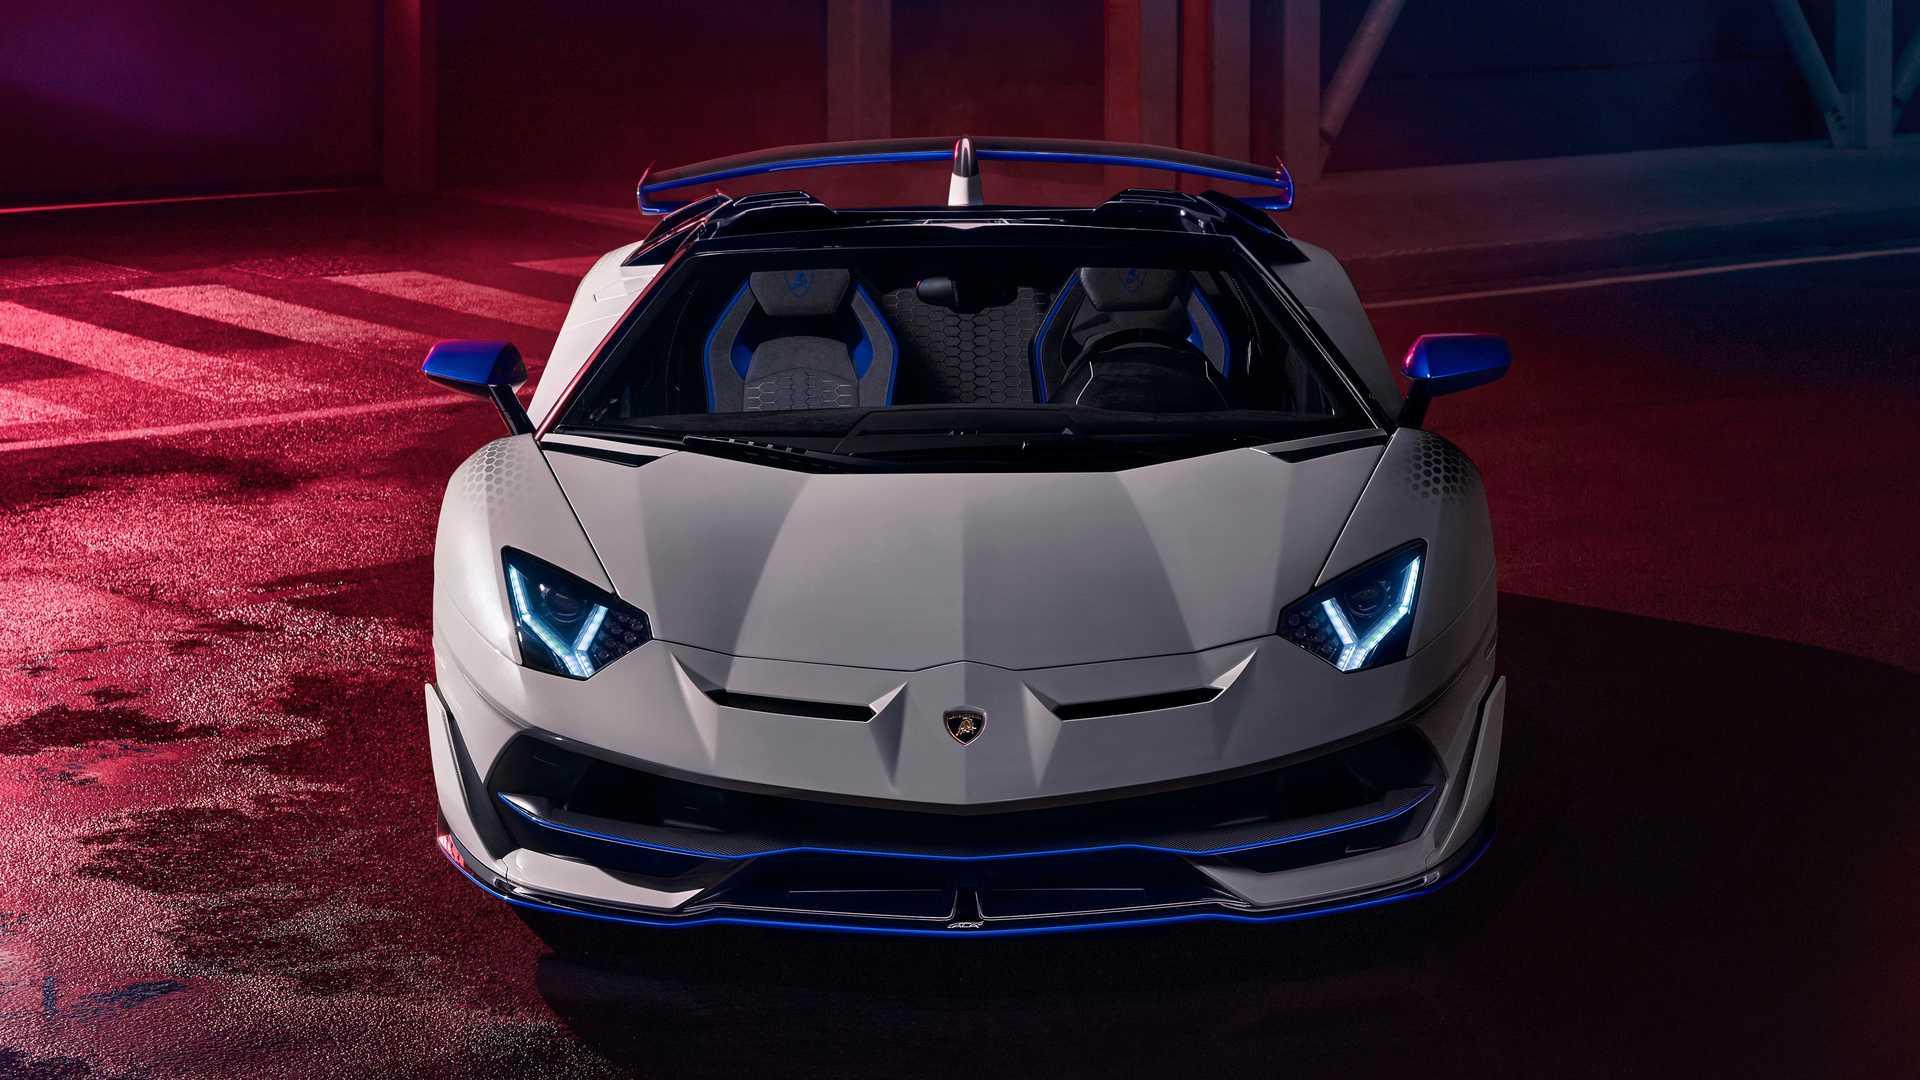 Итальянский автопроизводитель представил новый спорткар - фото 2